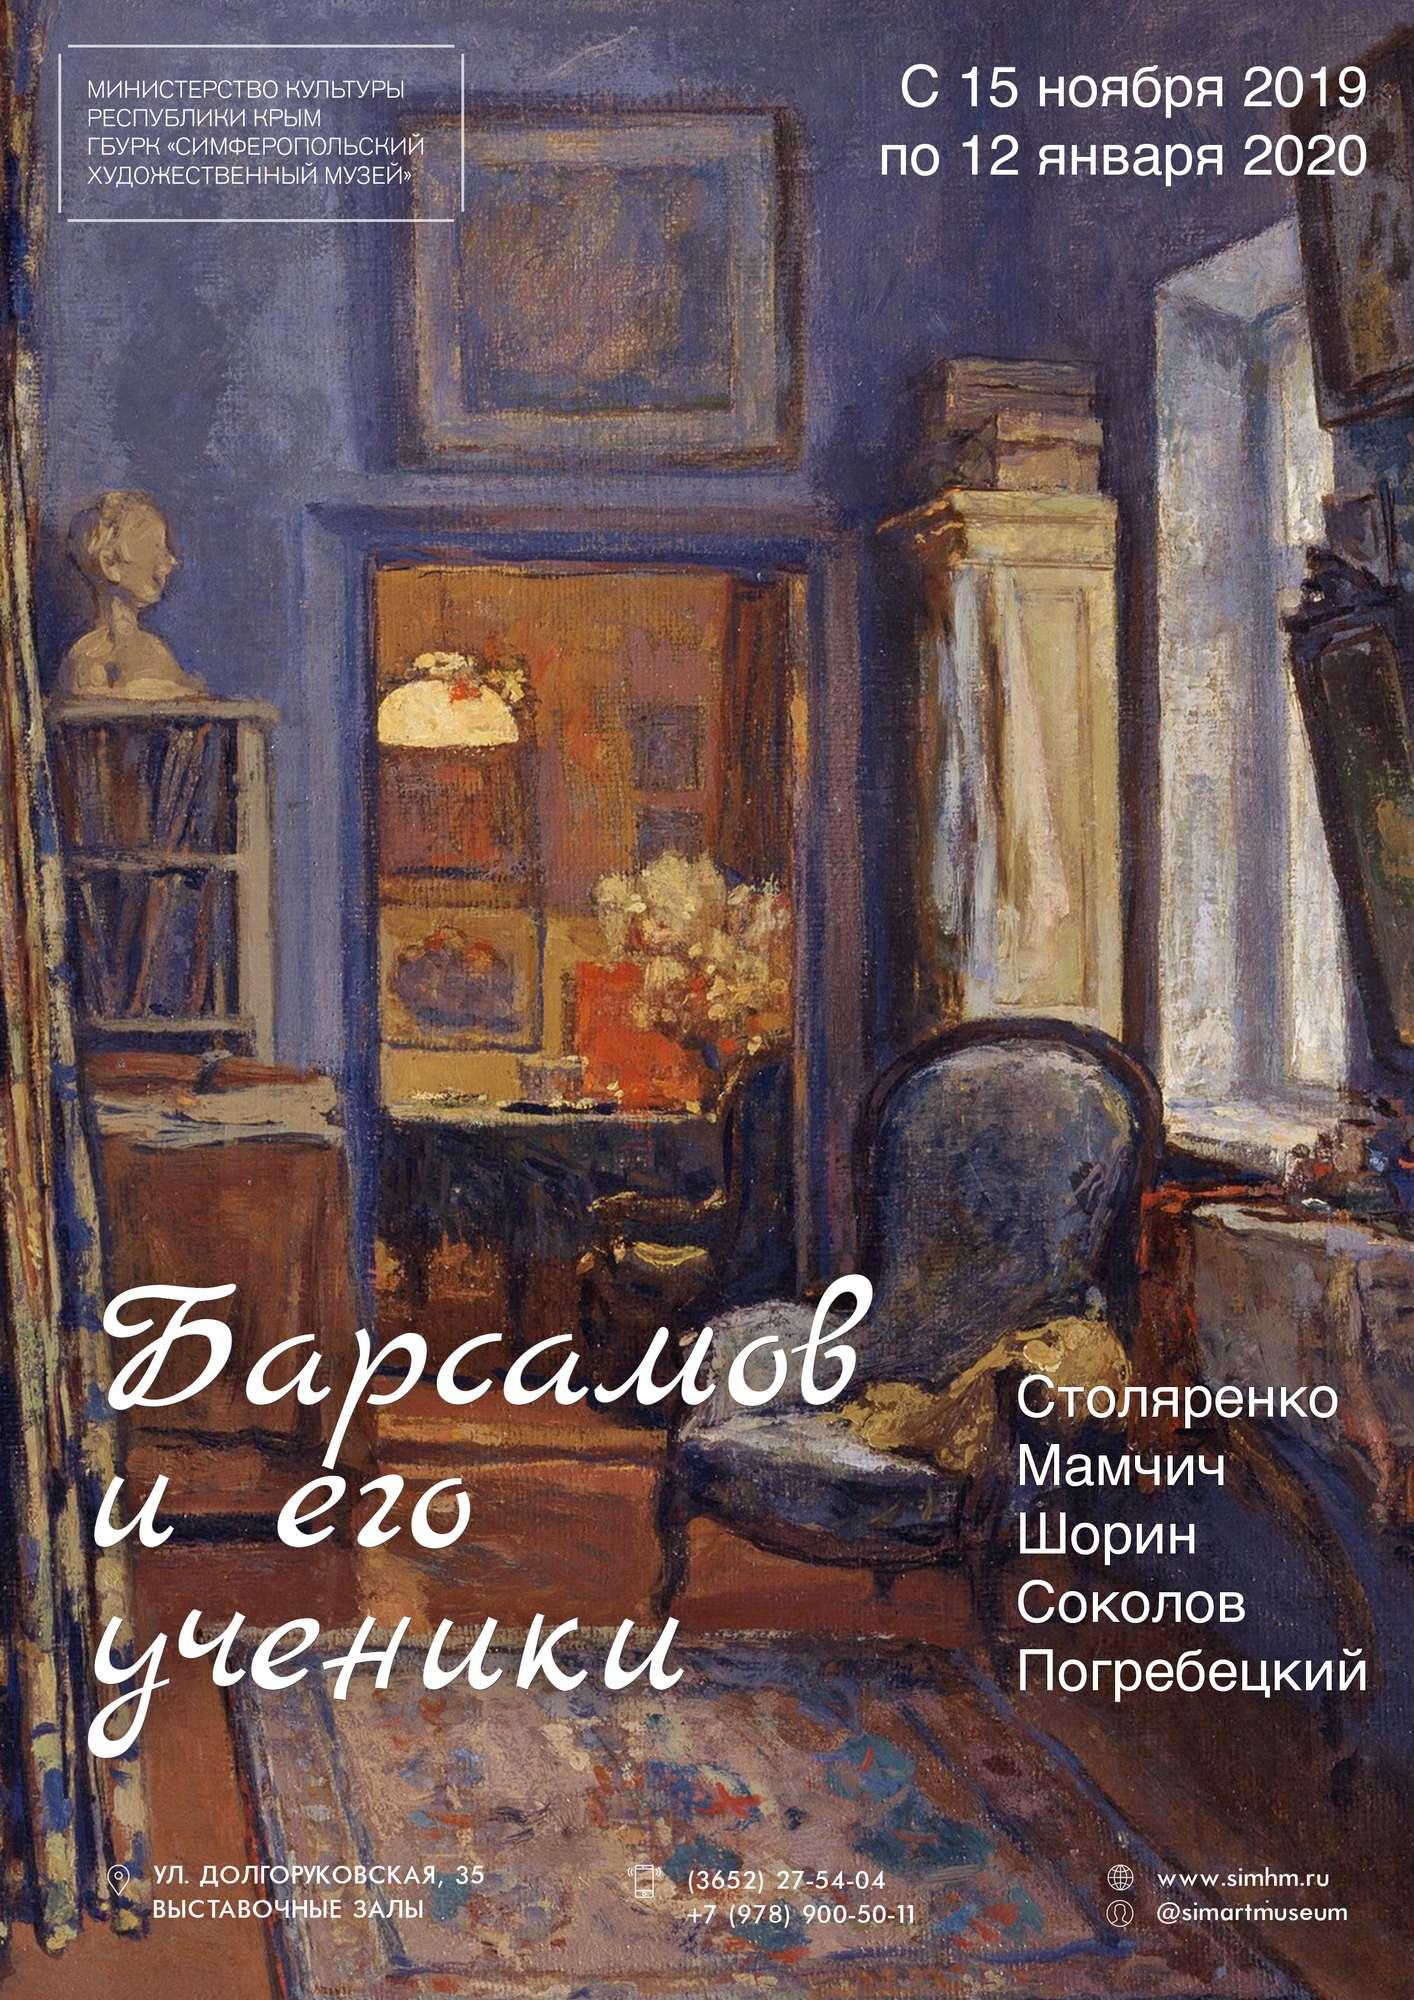 Выставка в Симферополе, ноябрь 2019